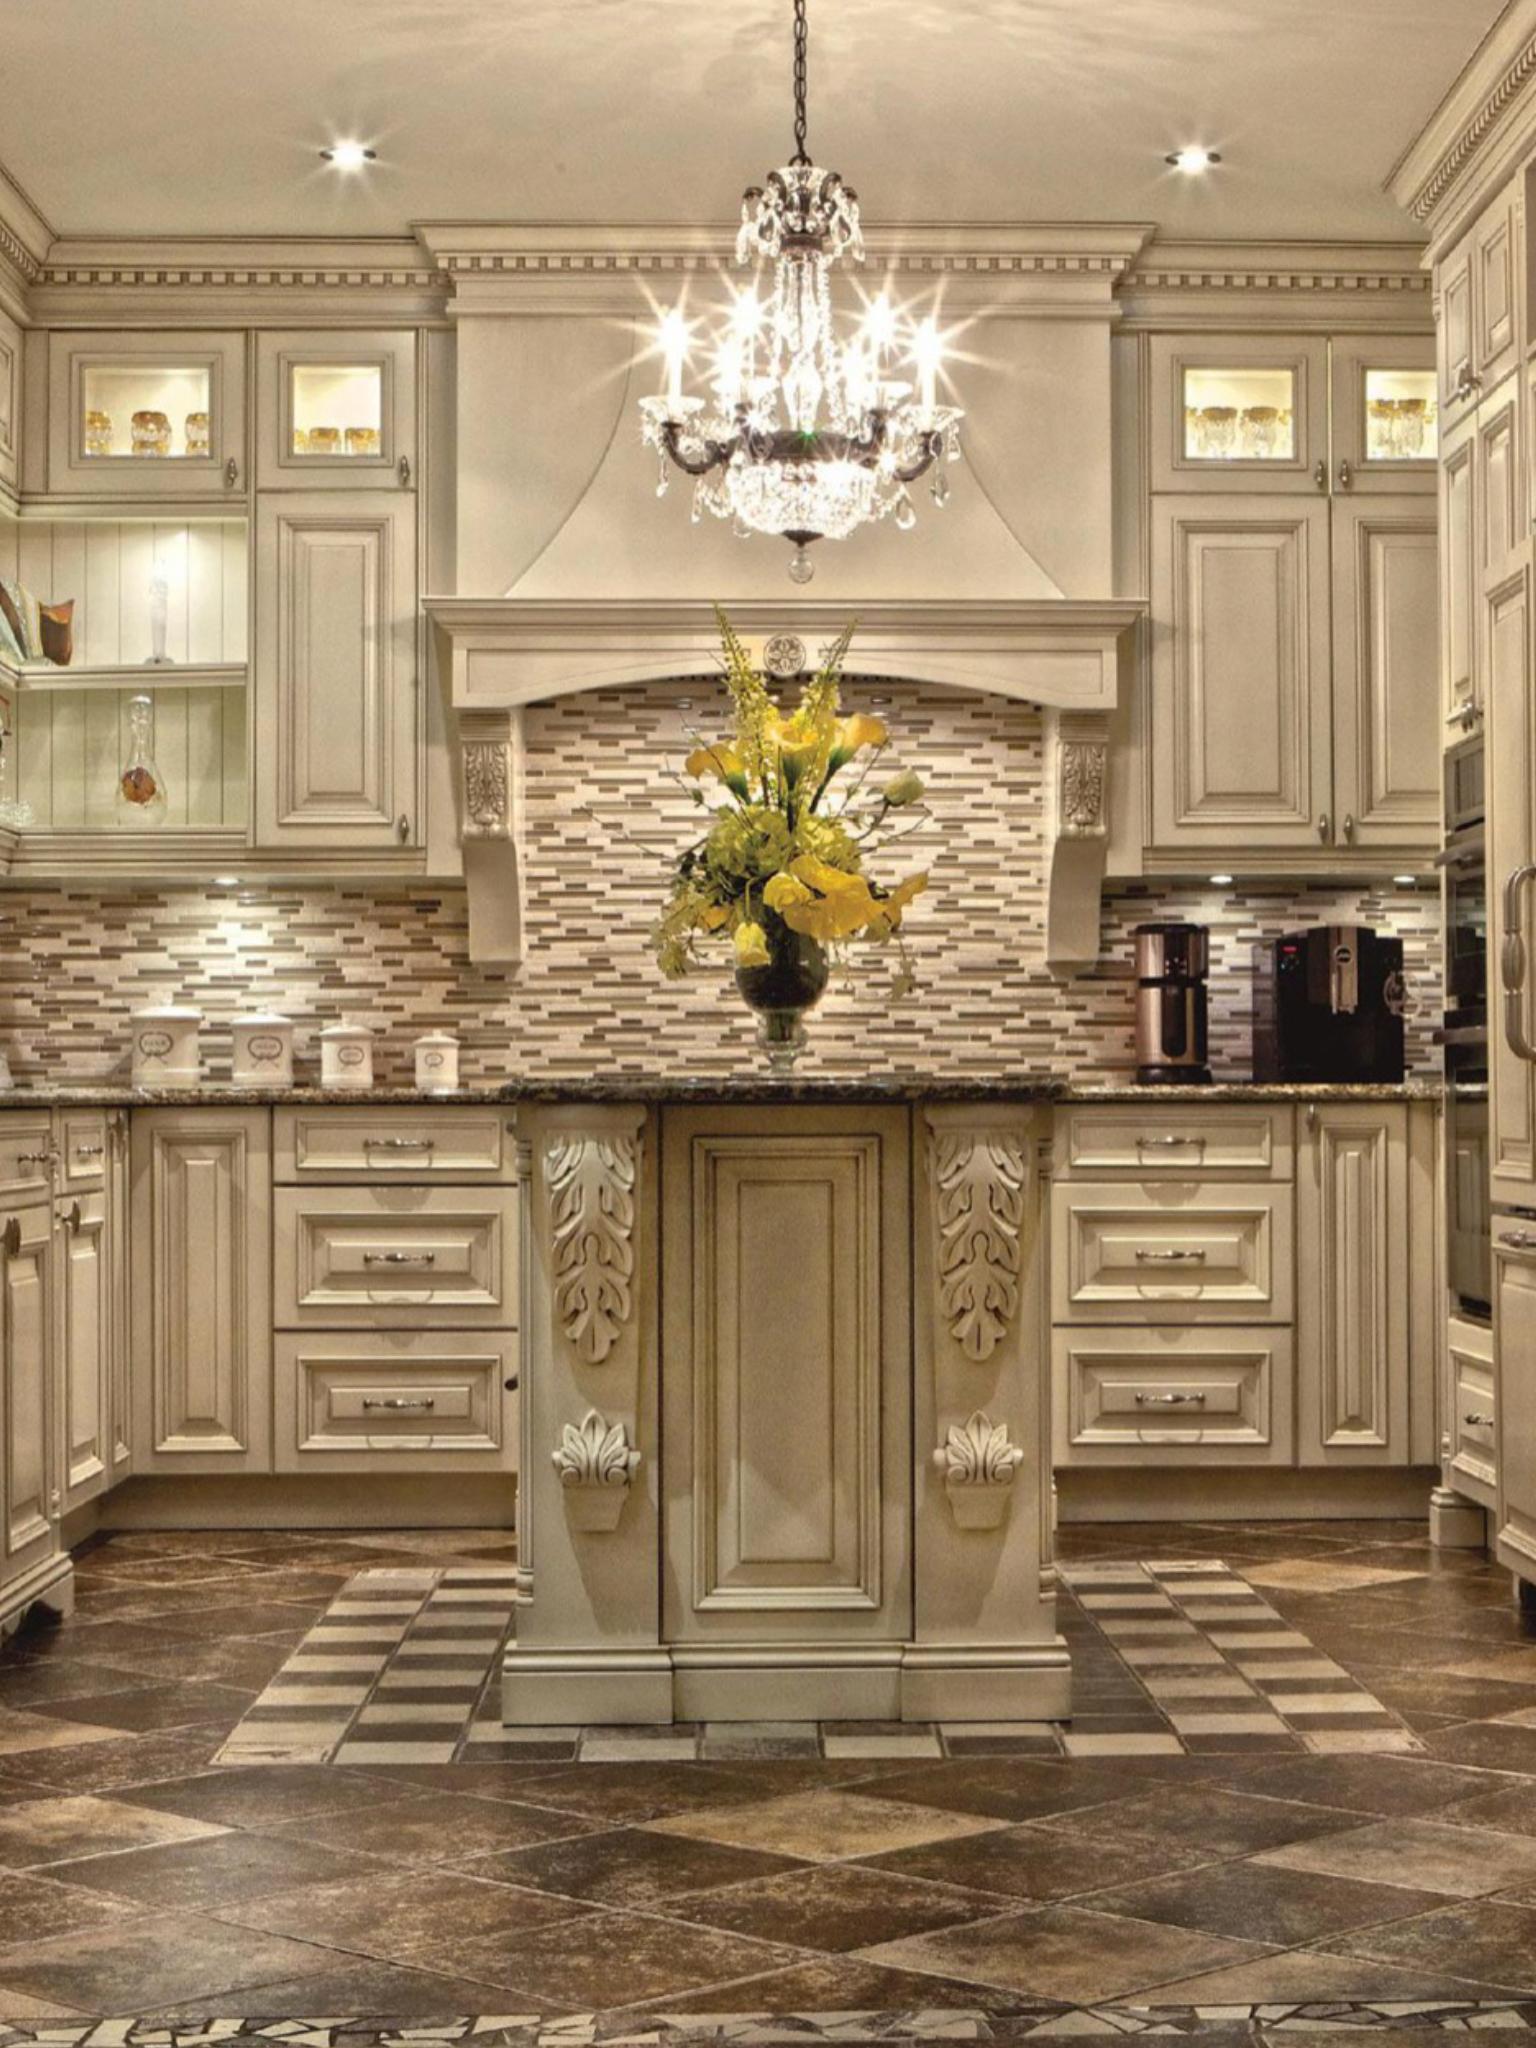 Kitchen In 2020 Tuscan Kitchen Elegant Kitchen Design Quality Kitchen Cabinets